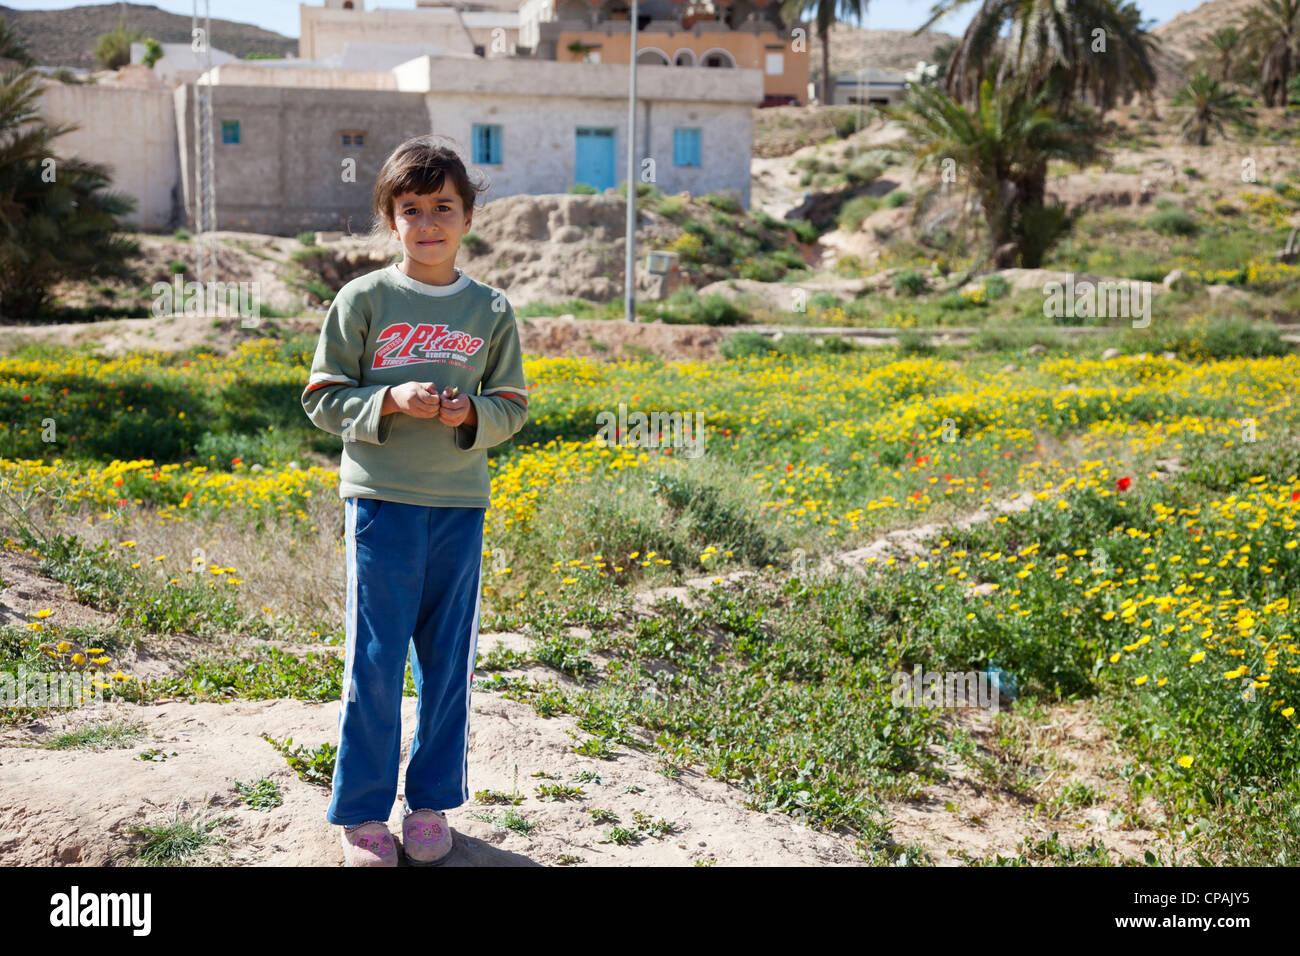 1db1c27f4147 Petite fille tunisienne dans un petit village dans le sud de la Tunisie.  Photo Stock